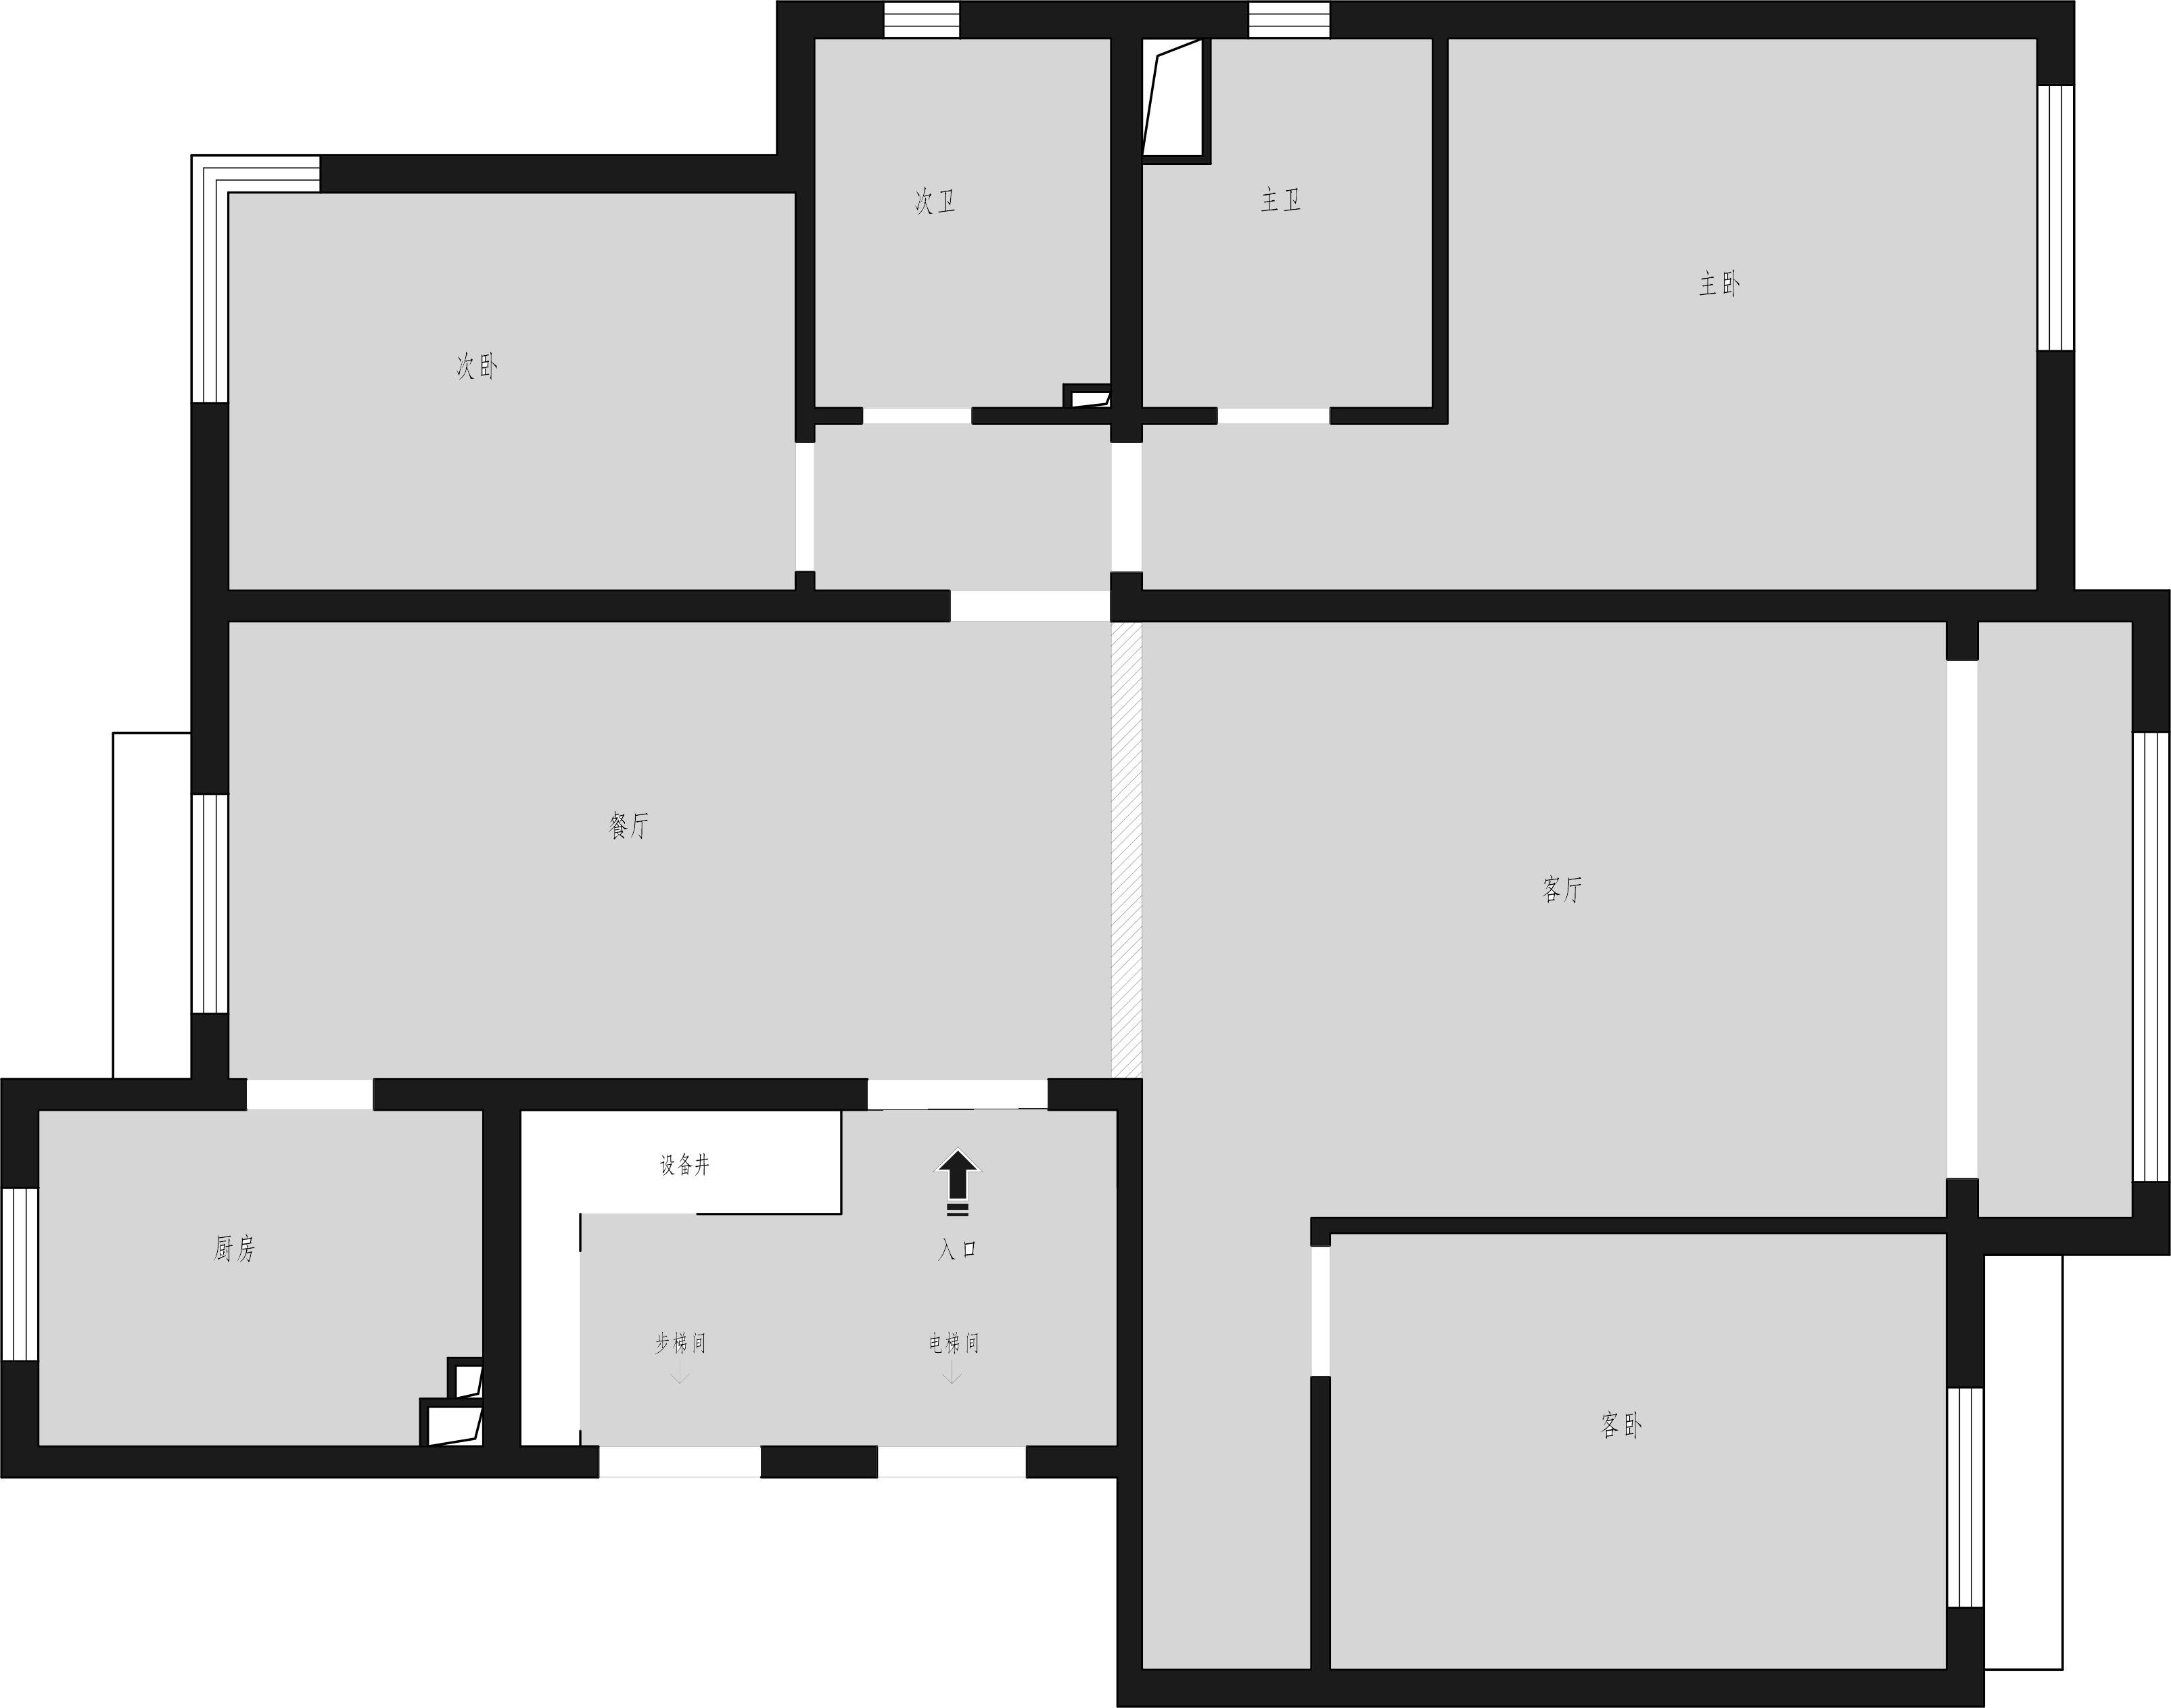 领秀慧谷-100平米-北欧风格装修设计理念